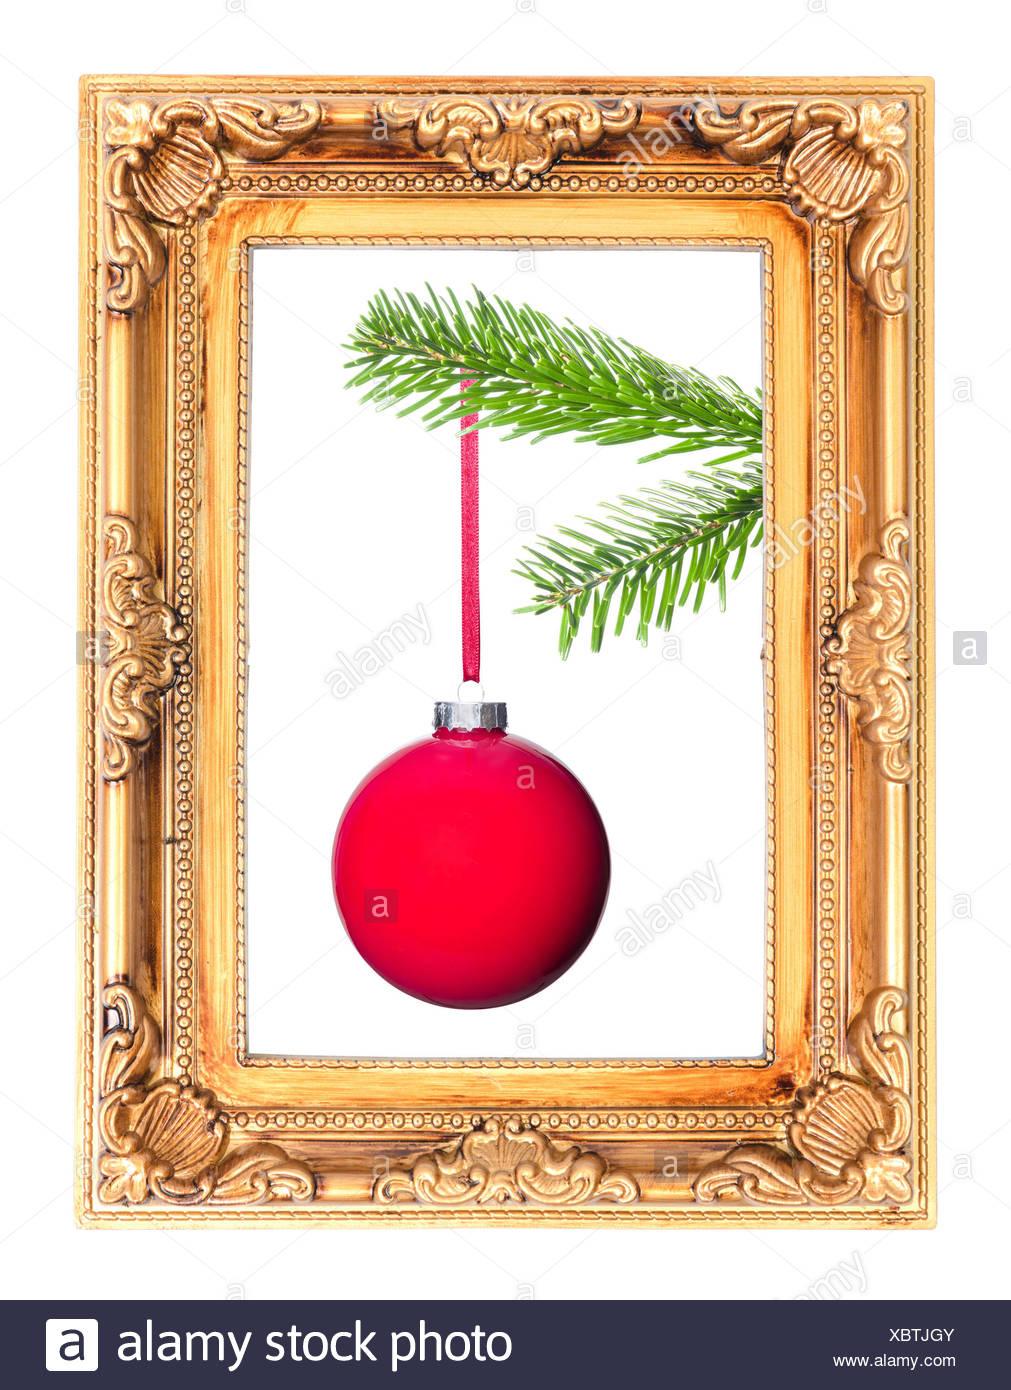 Gemütlich Weihnachtsbaum Bilderrahmen Ornamente Zeitgenössisch ...